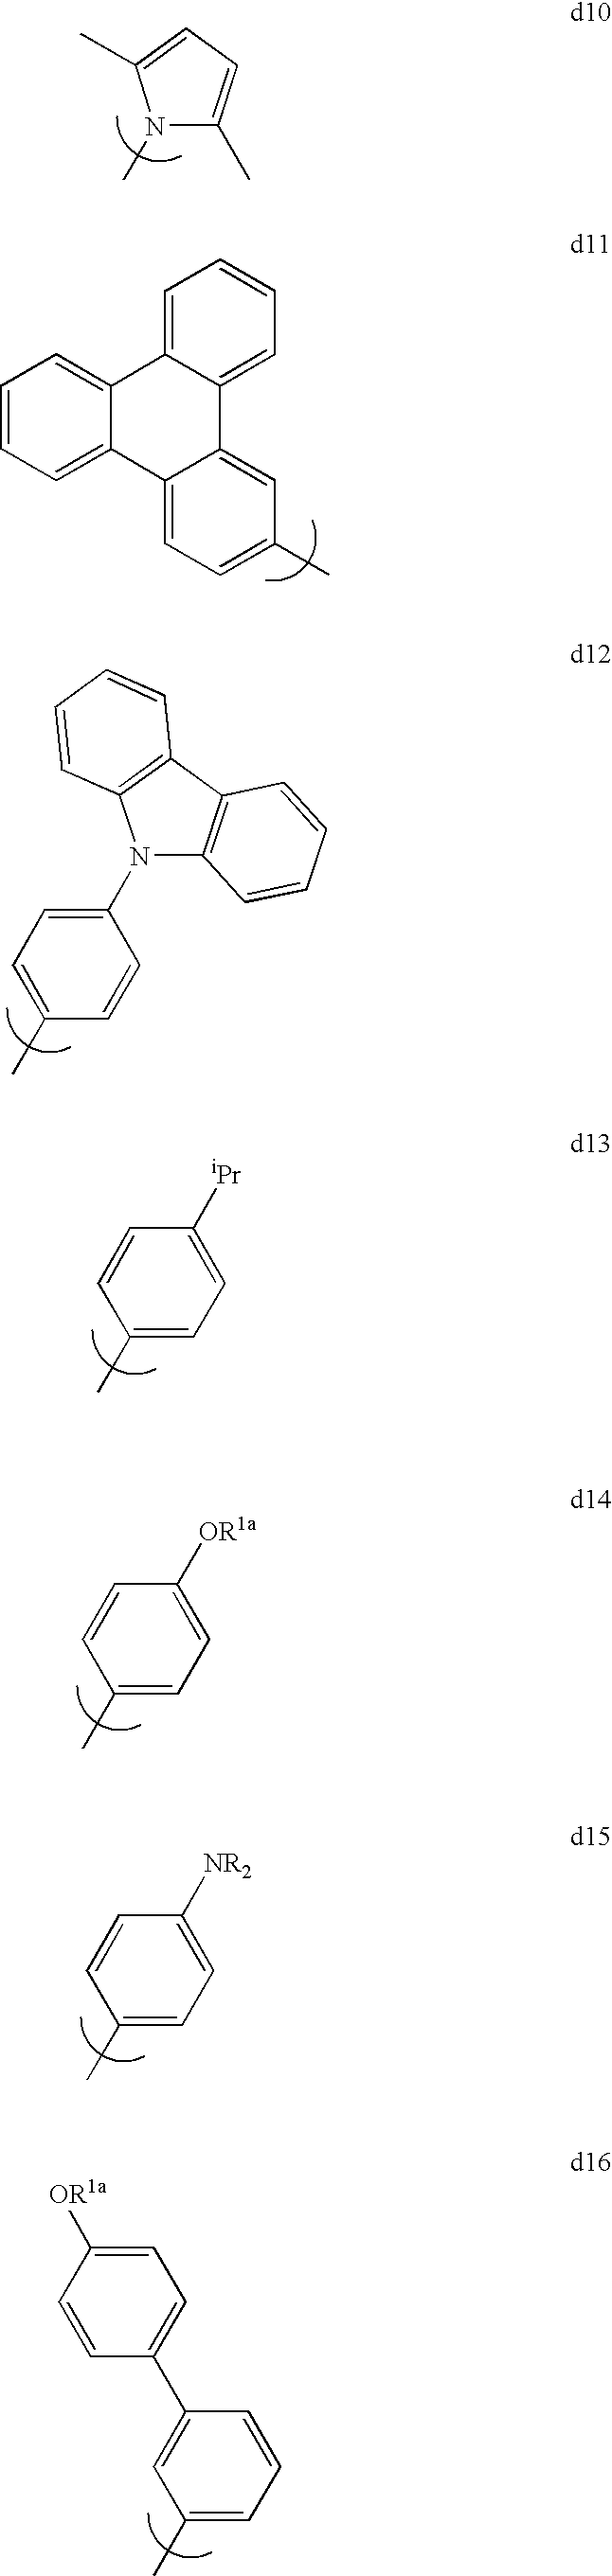 Figure US20070088167A1-20070419-C00003